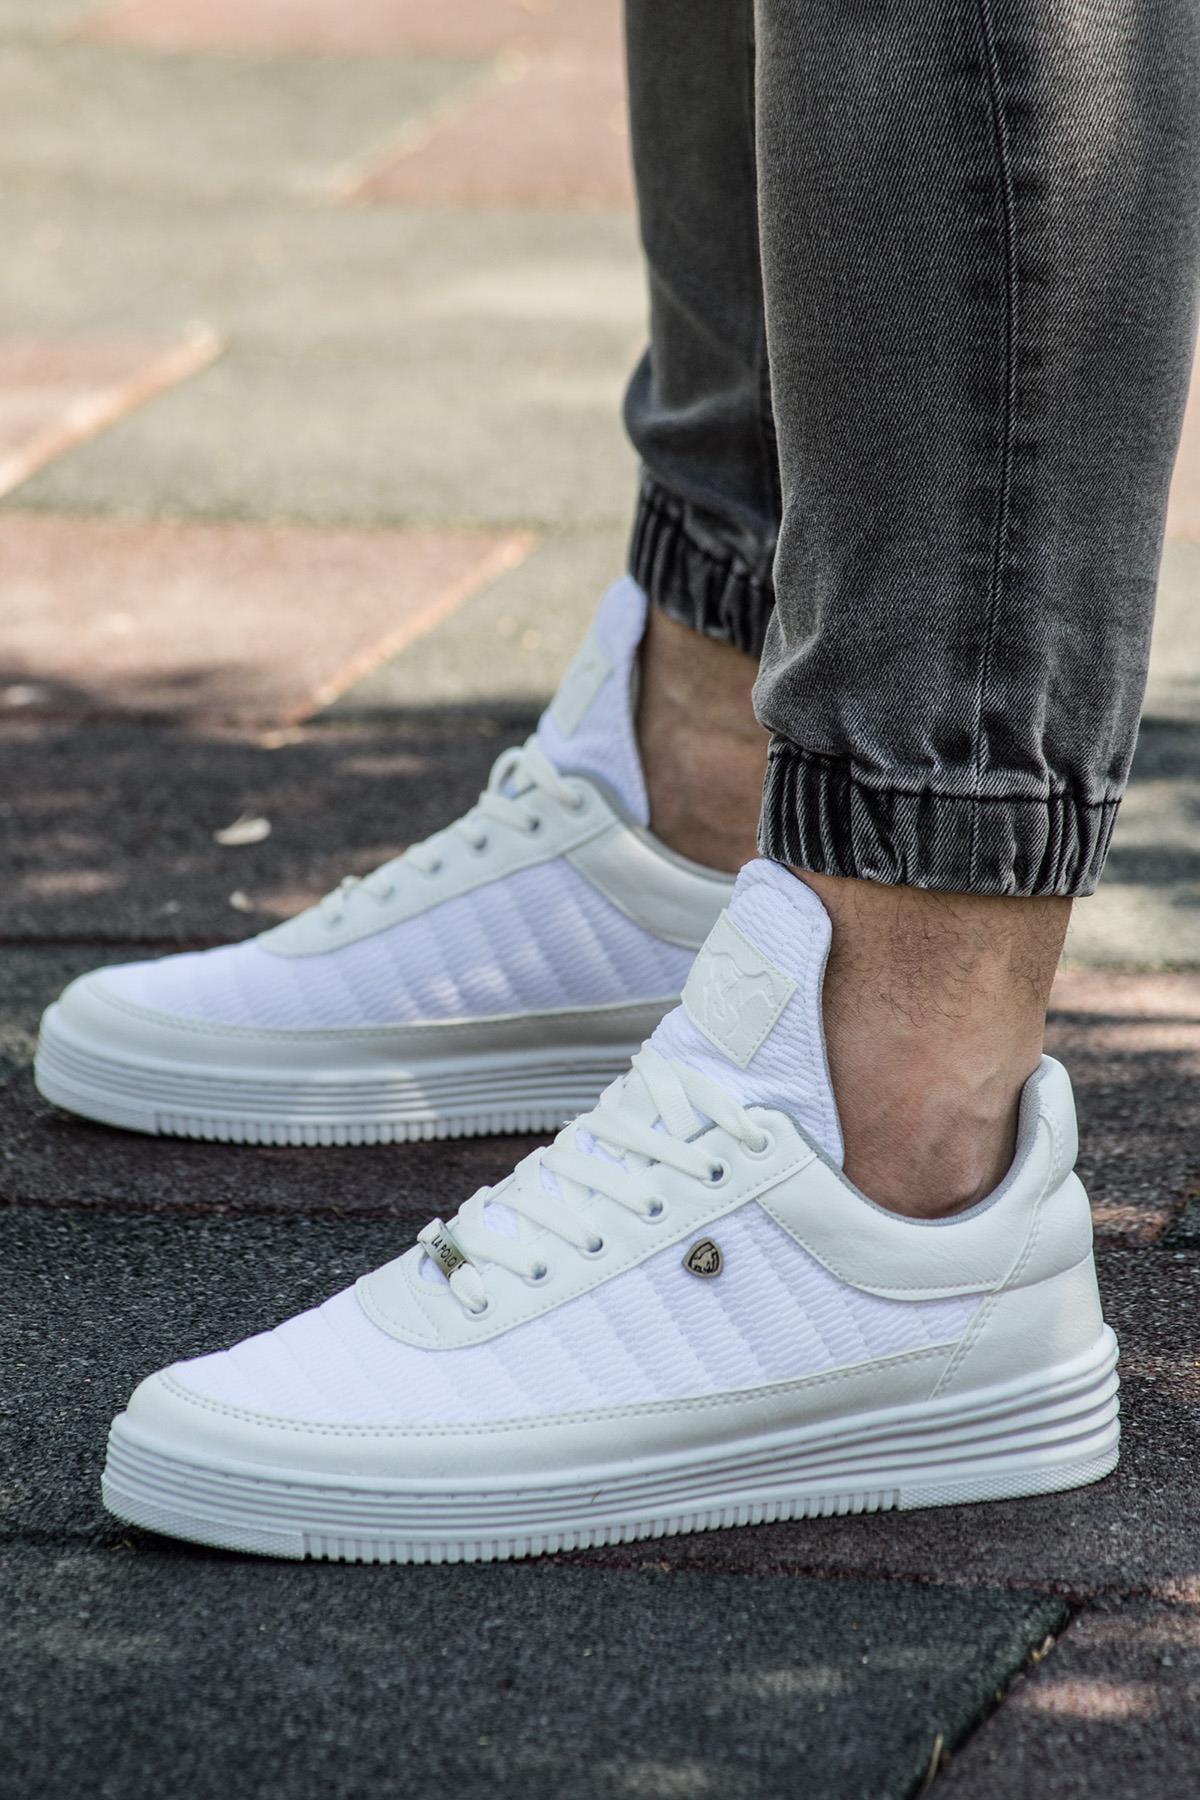 077 Beyaz Beyaz Summer Erkek Spor Ayakkabı